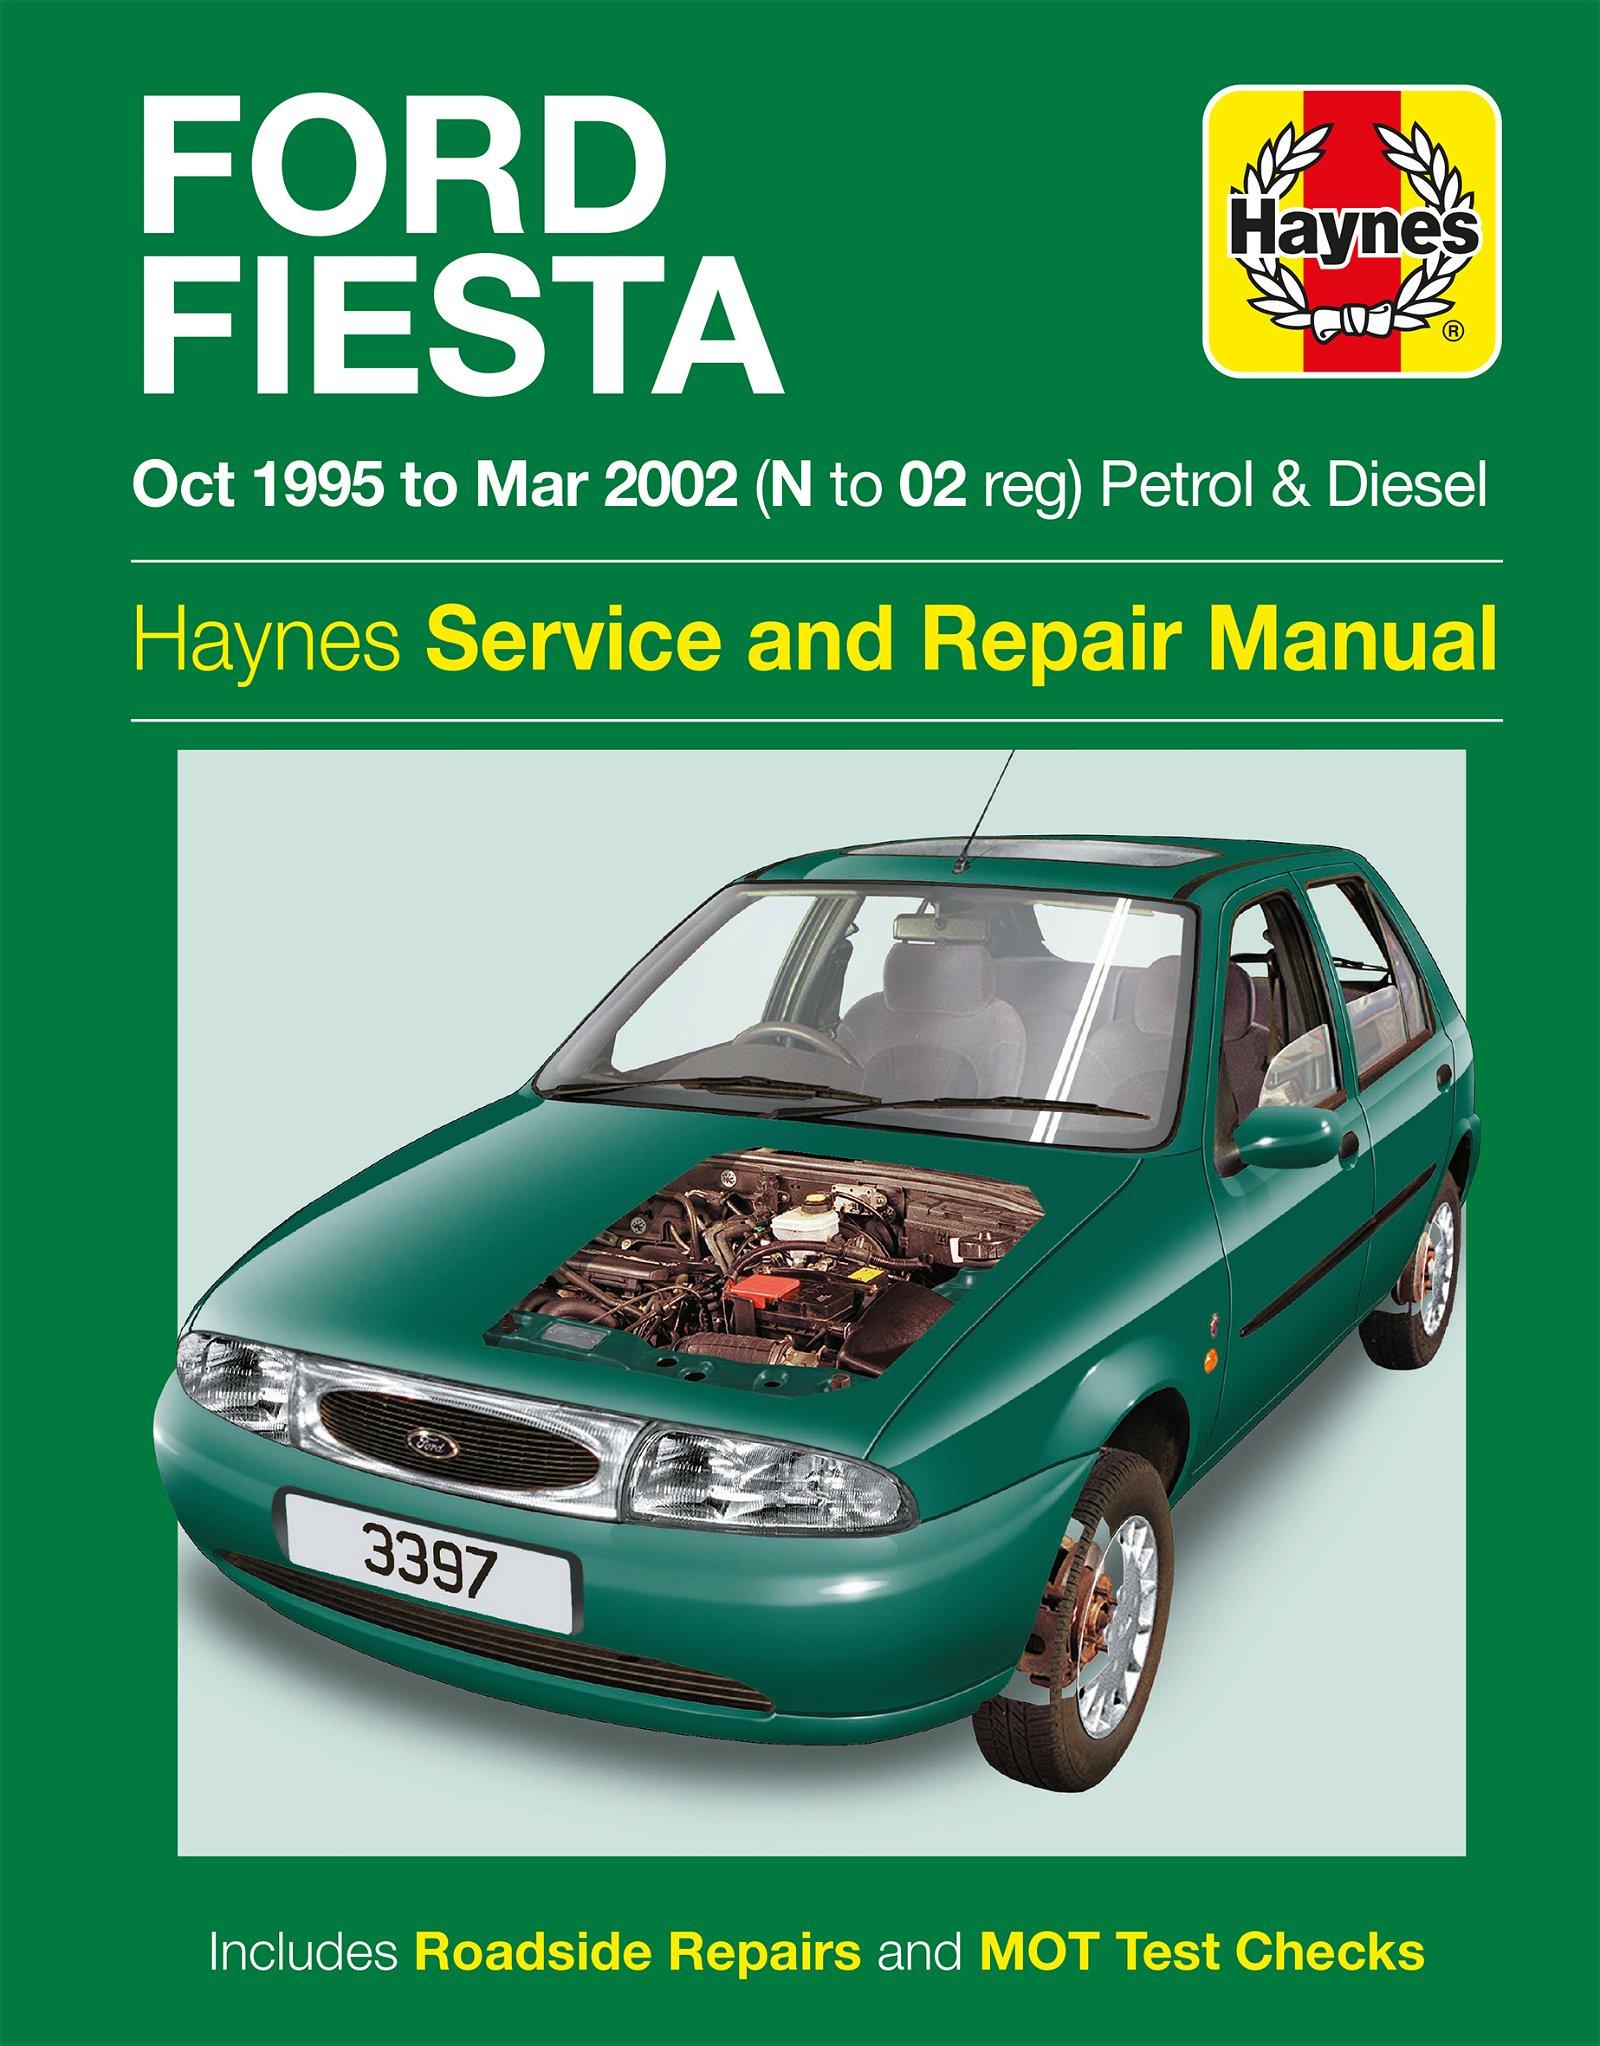 [Manuel UK en Anglais] Ford Fiesta Petrol & Diesel  (Oct 95 - Mar 02)  N to 02